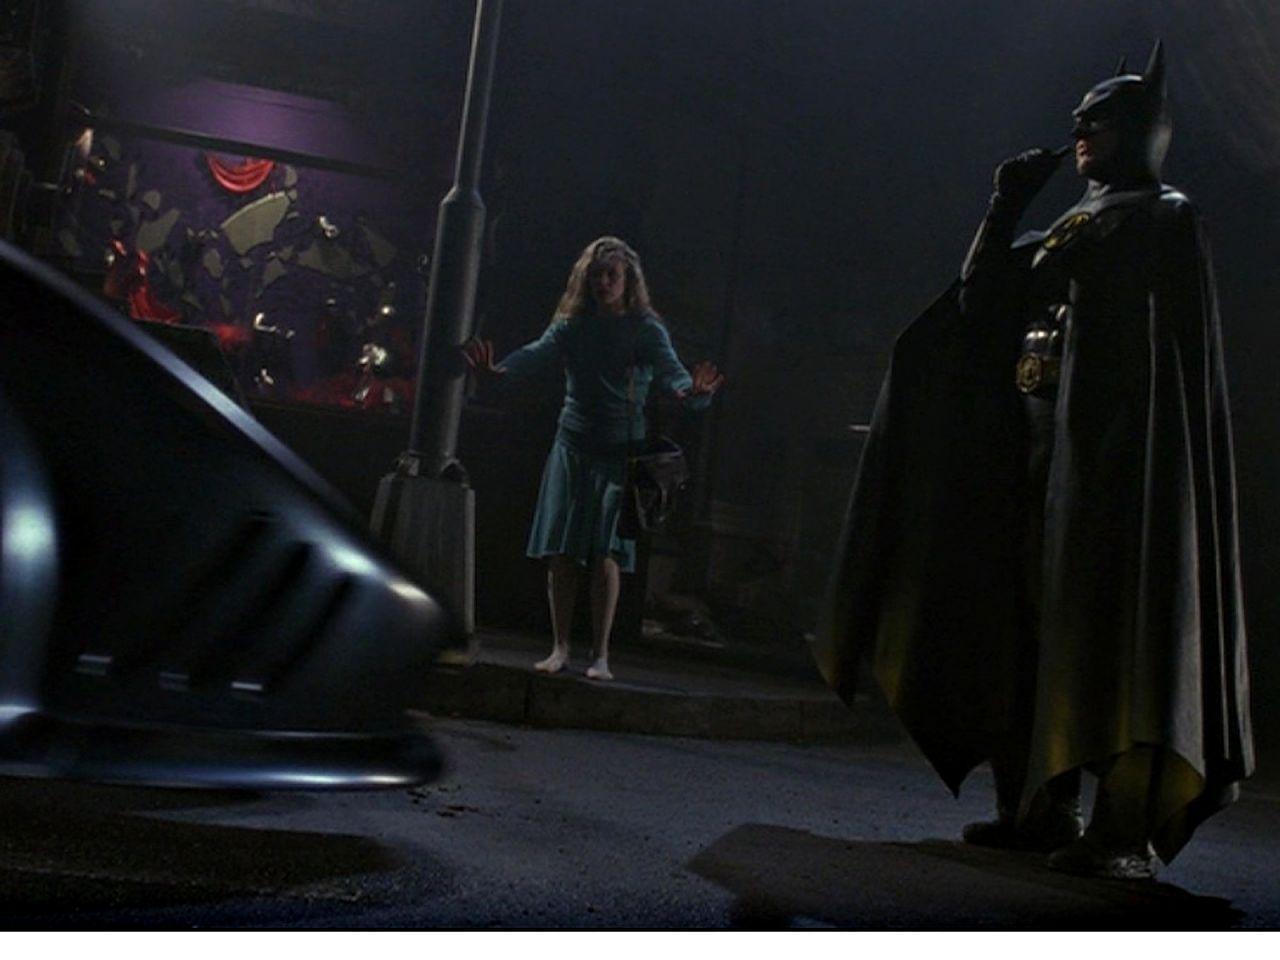 Batman Stands In Front Of Batmobile Wallpaper 1280x960